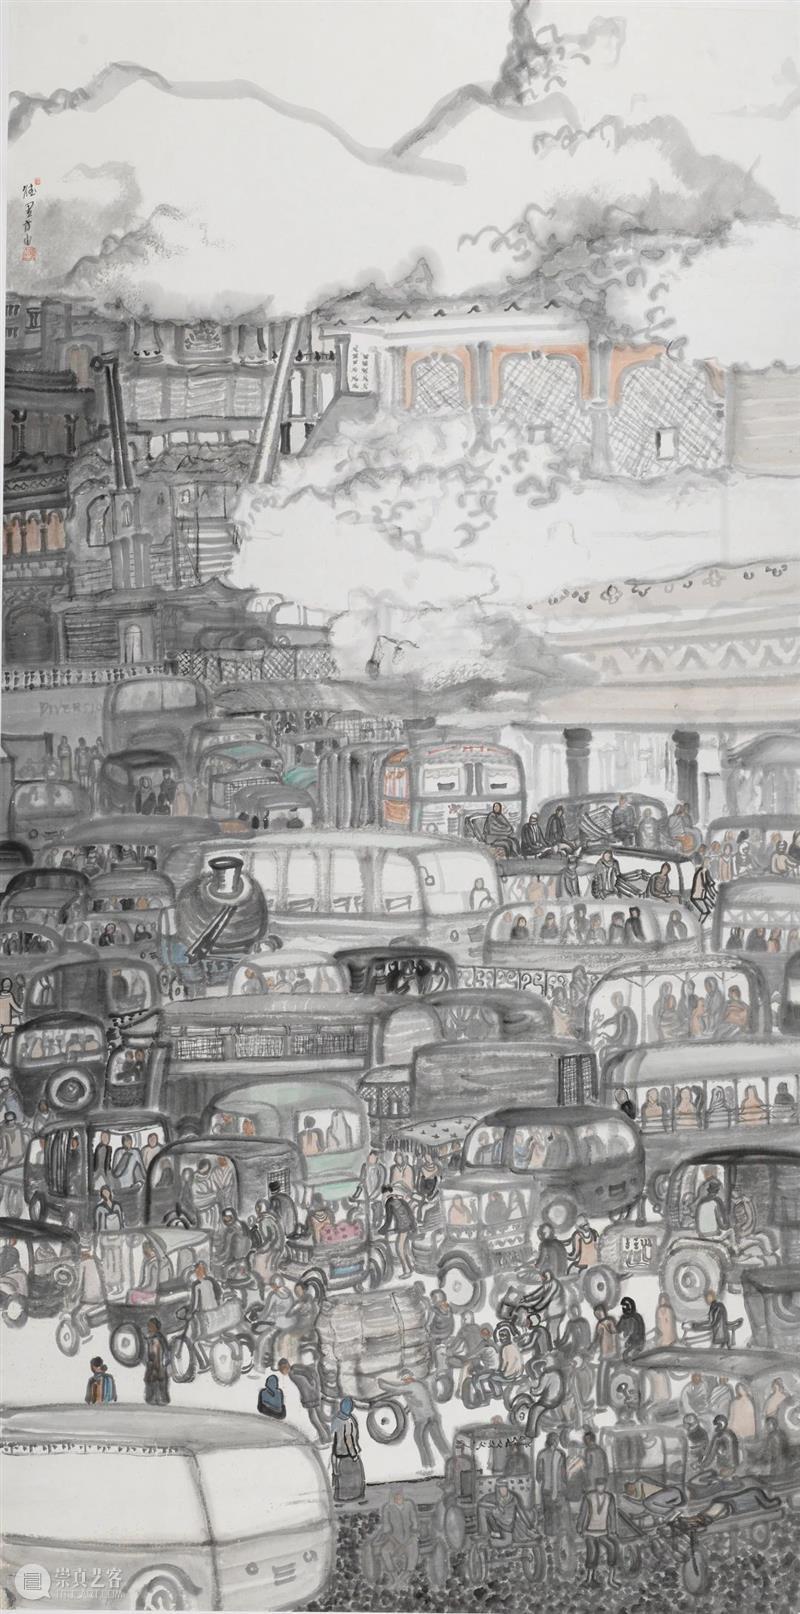 履新|第六届杭州中国画双年展·中堂篇 杭州 中国 双年展 中堂 内容 摘要 雅集 浙江美术馆 手卷 册页 崇真艺客